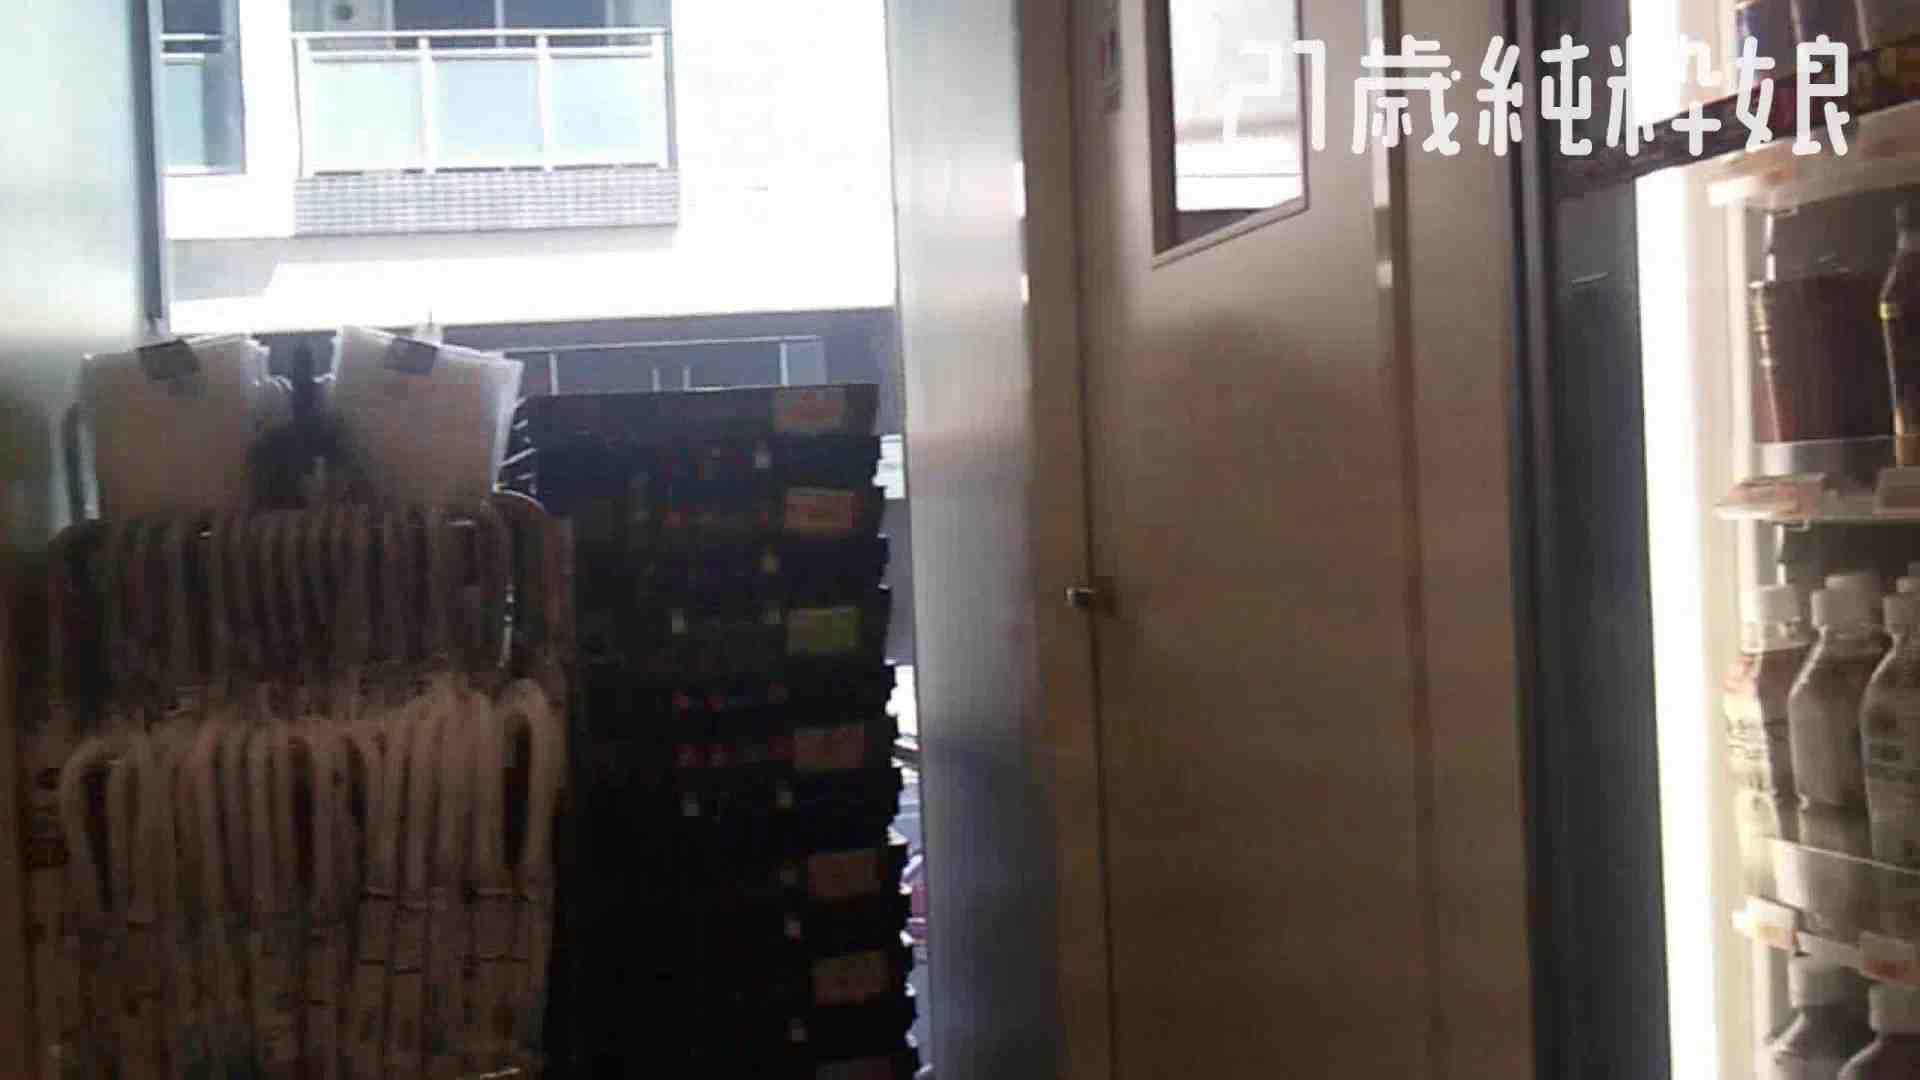 Gカップ21歳純粋嬢第2弾Vol.5 OL | 学校  75連発 75